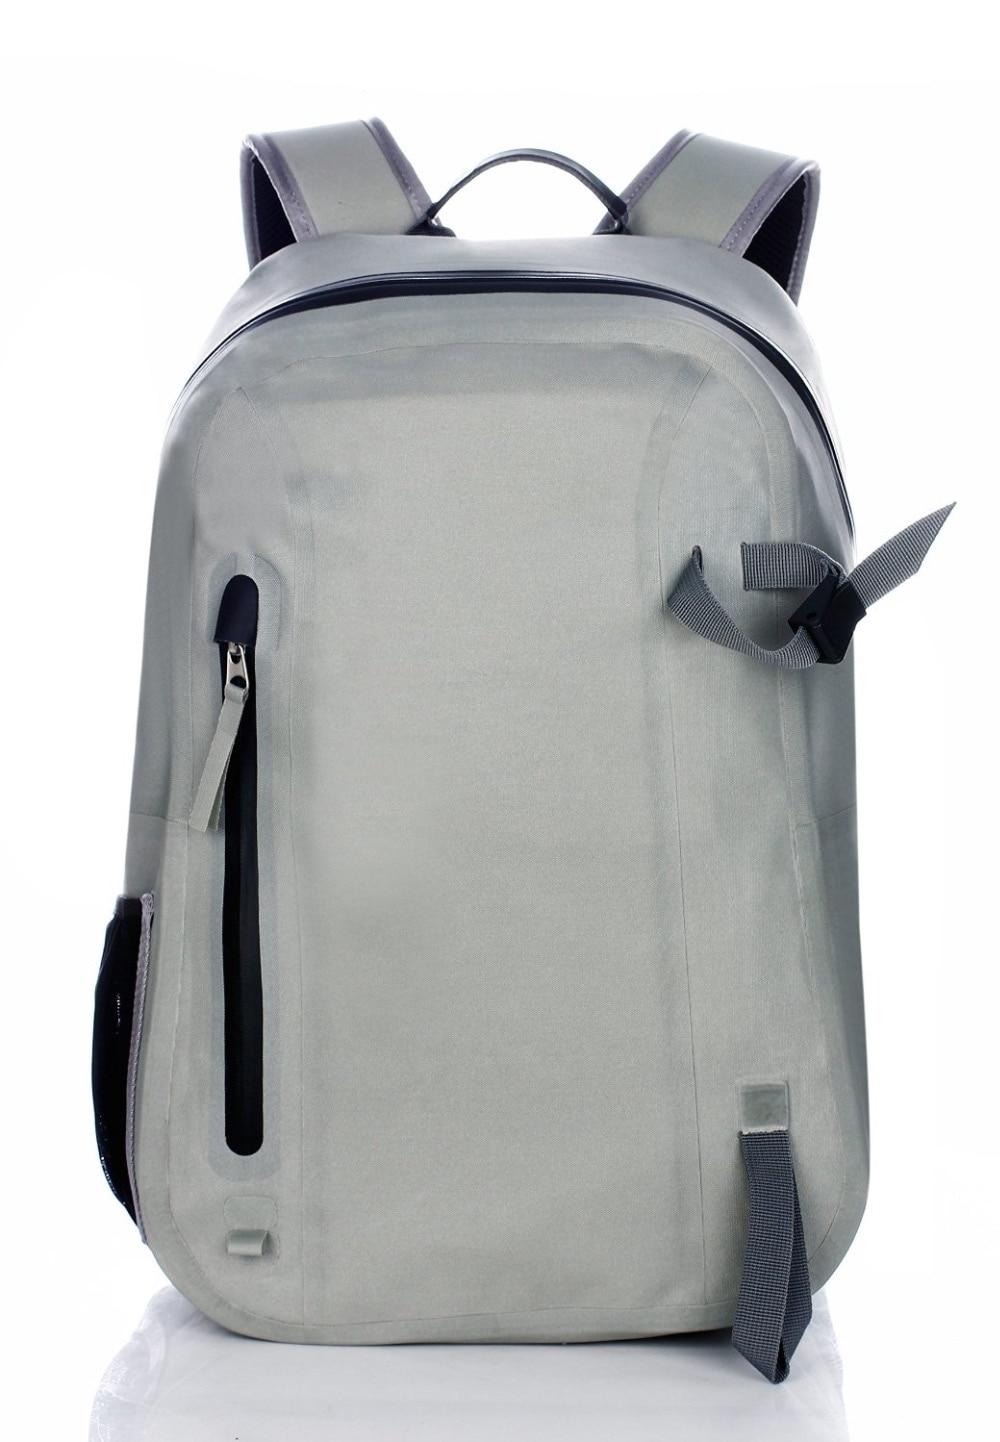 Aliexpress.com : Buy Outlander 100% Waterproof Backpack/Dry Bag ...